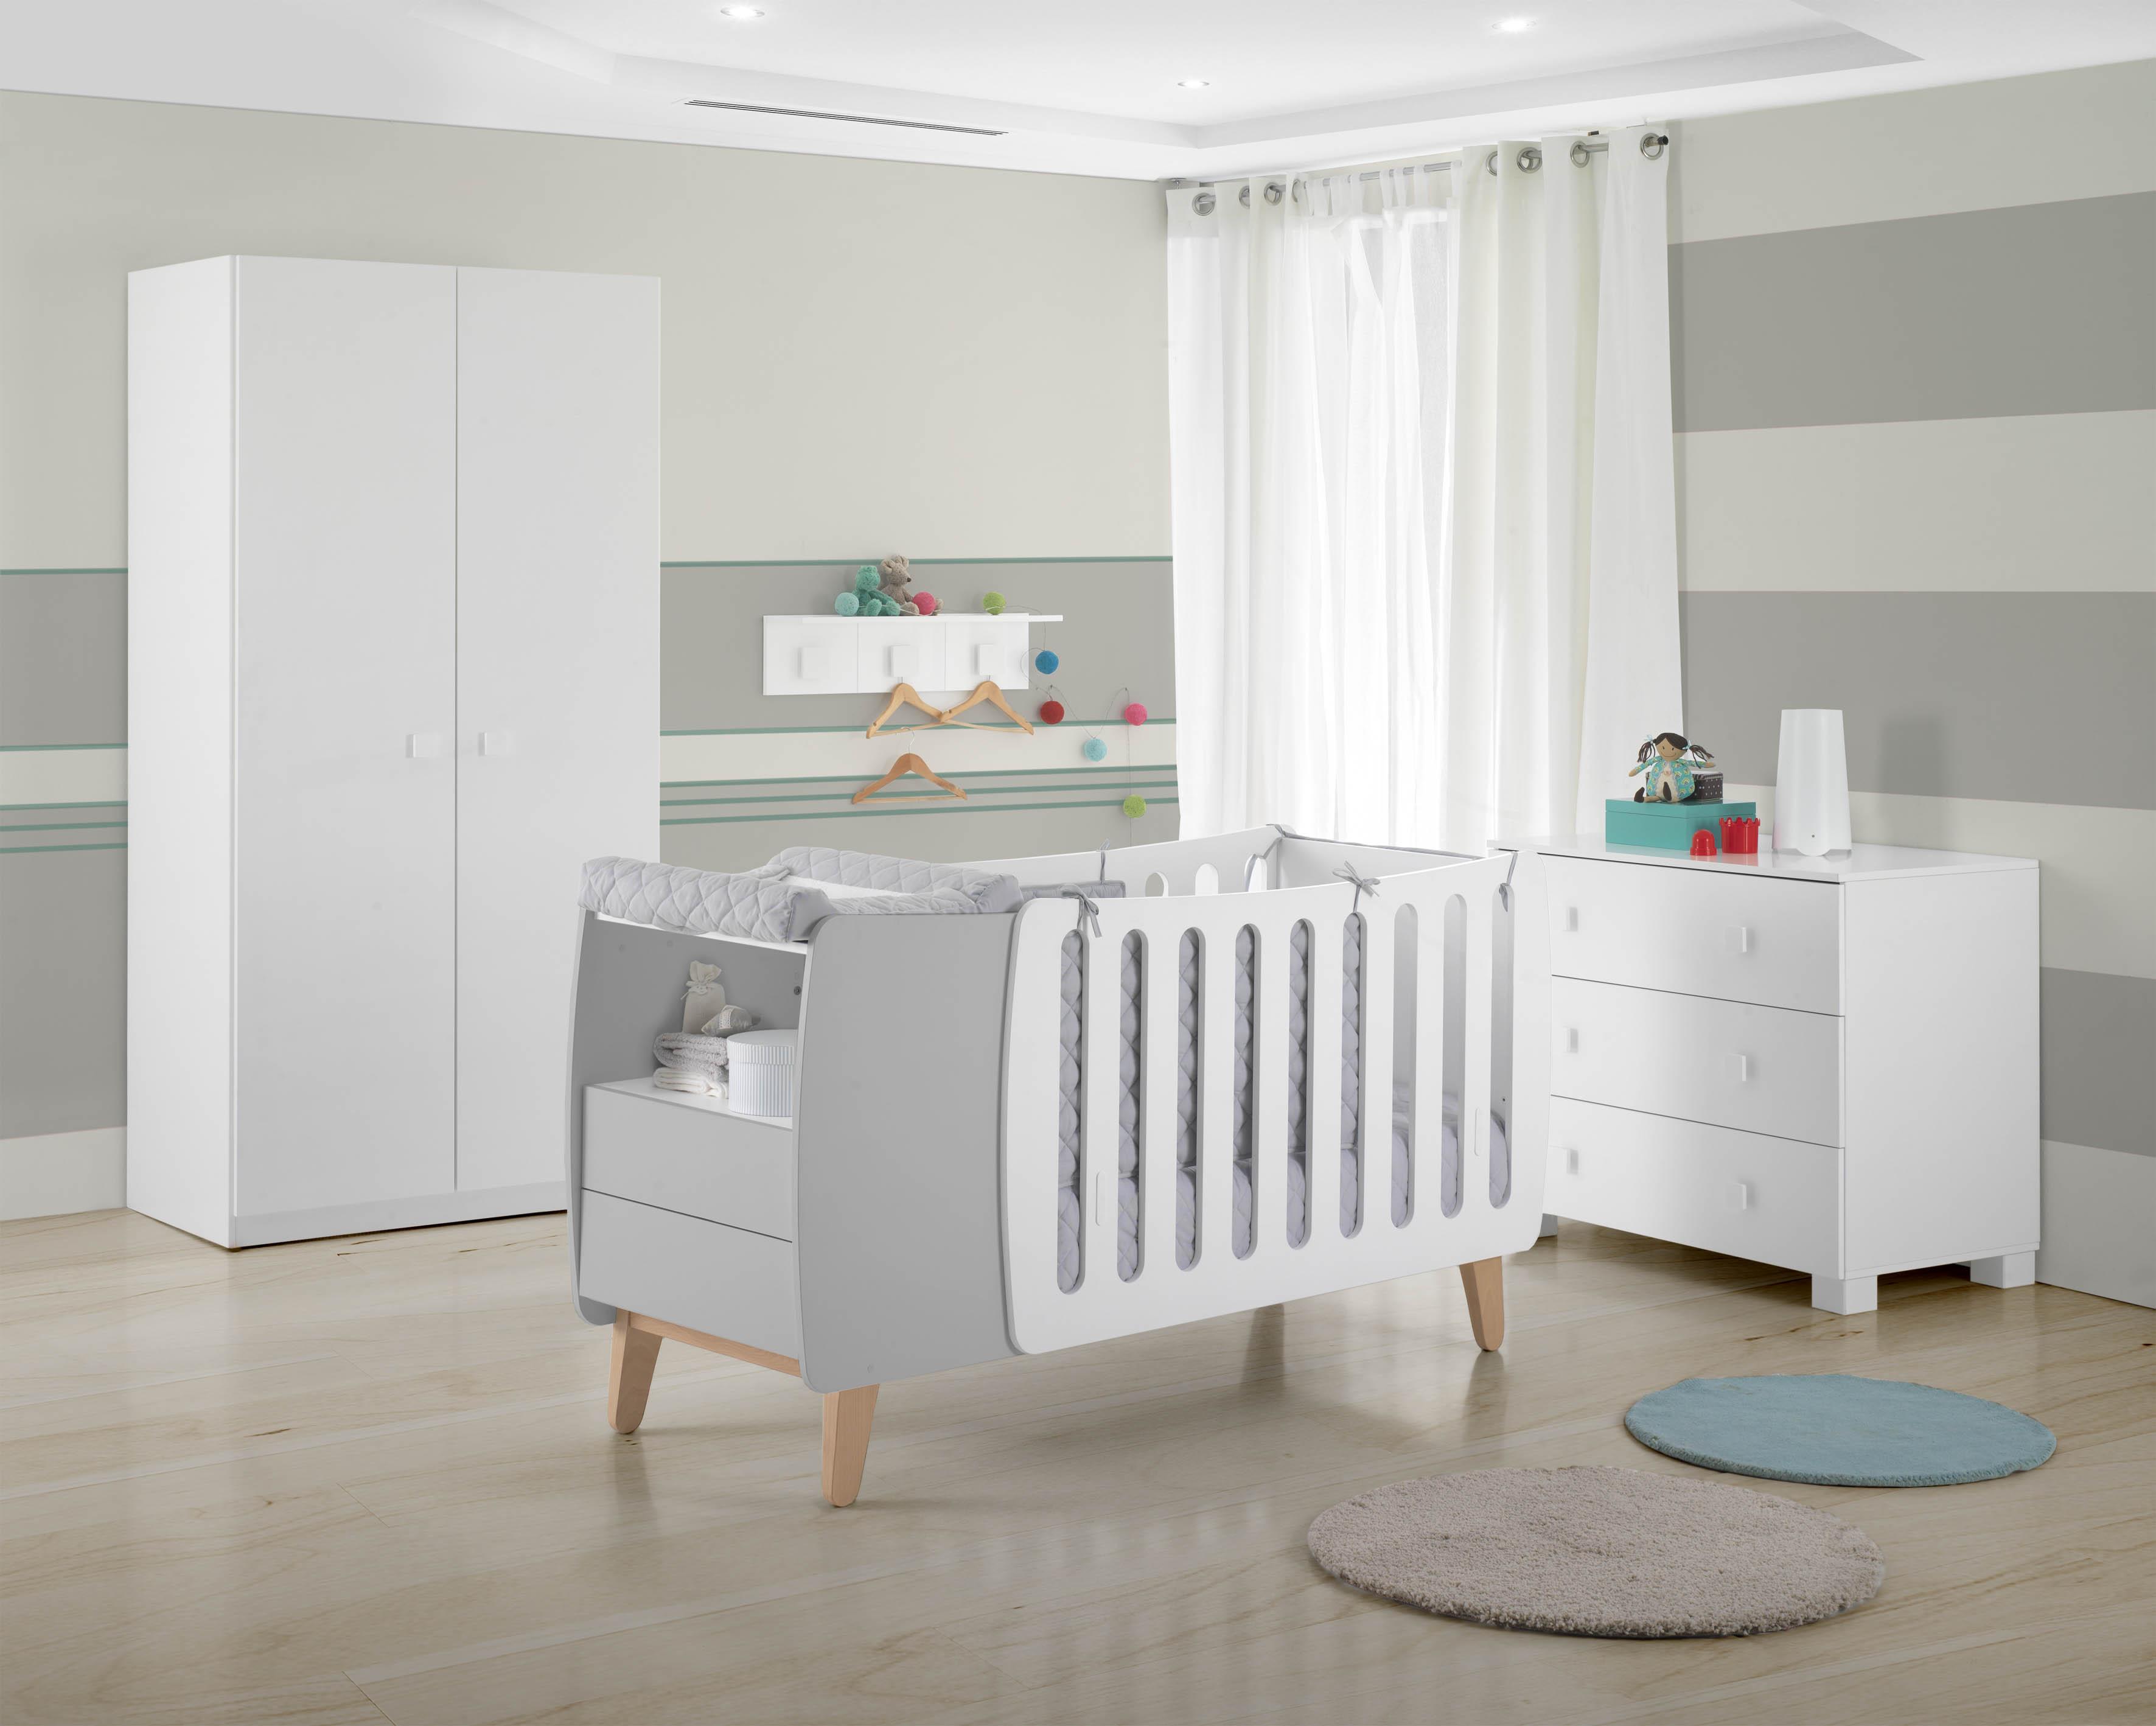 El cuarto del beb un lugar alegre tranquilo y seguro - La habitacion del bebe ...